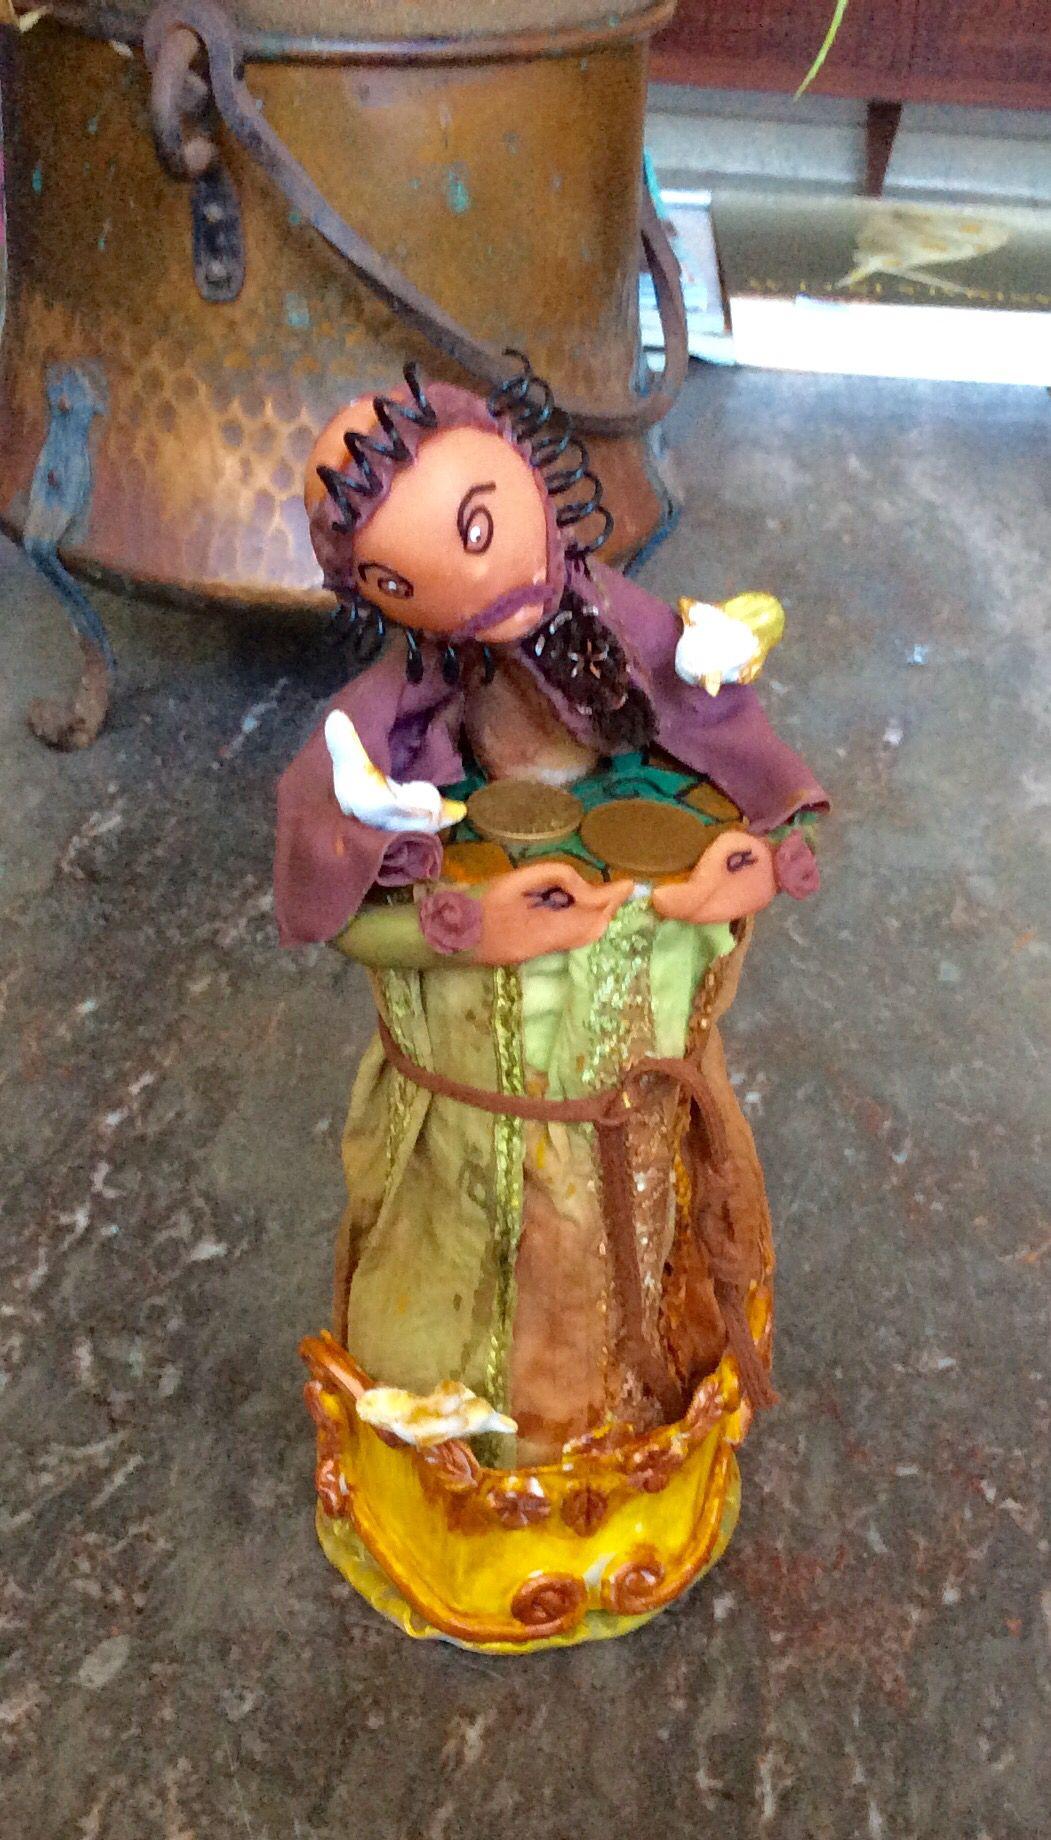 São Francisco da prosperidade, ele traz consigo o ímã da prosperidade.